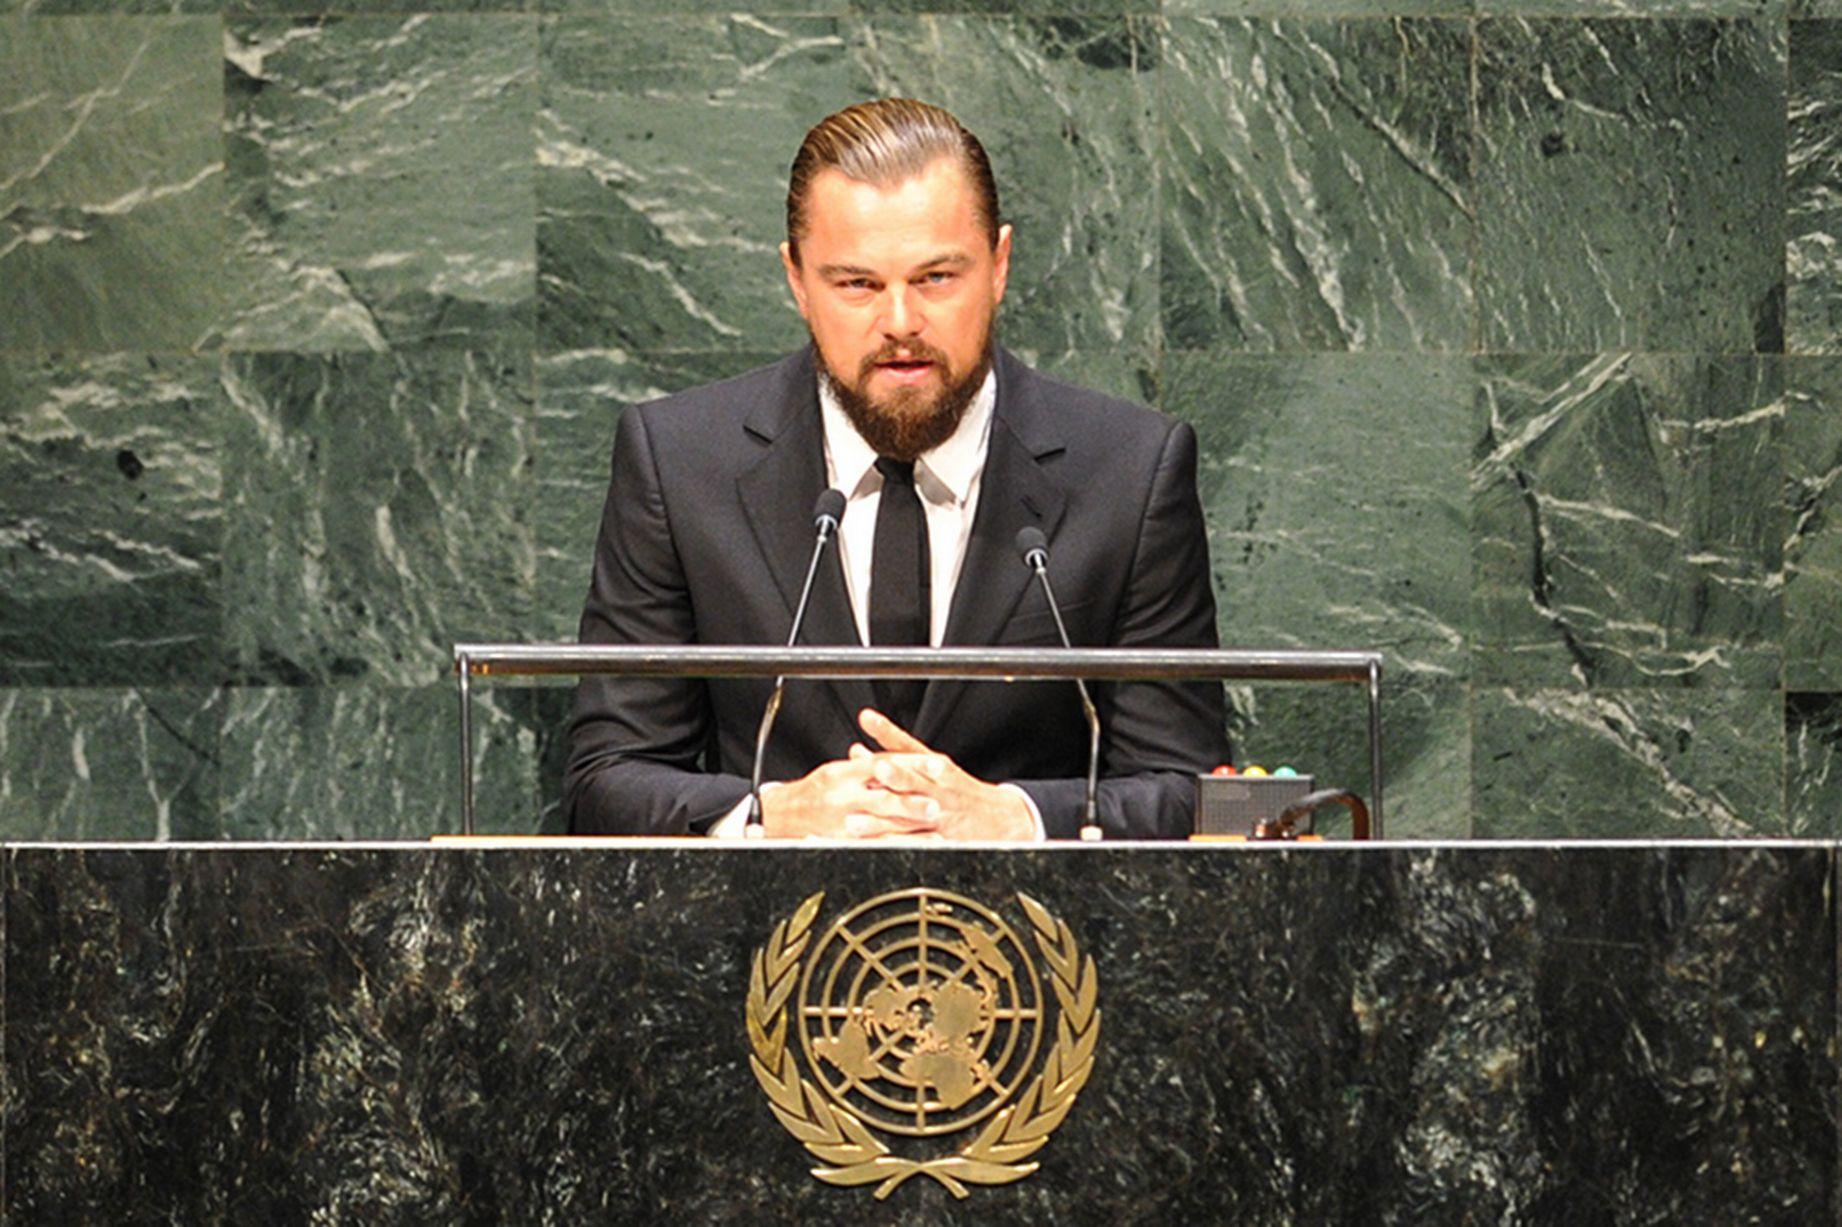 14 Curiosidades sobre Leonardo DiCaprio que NO sabías